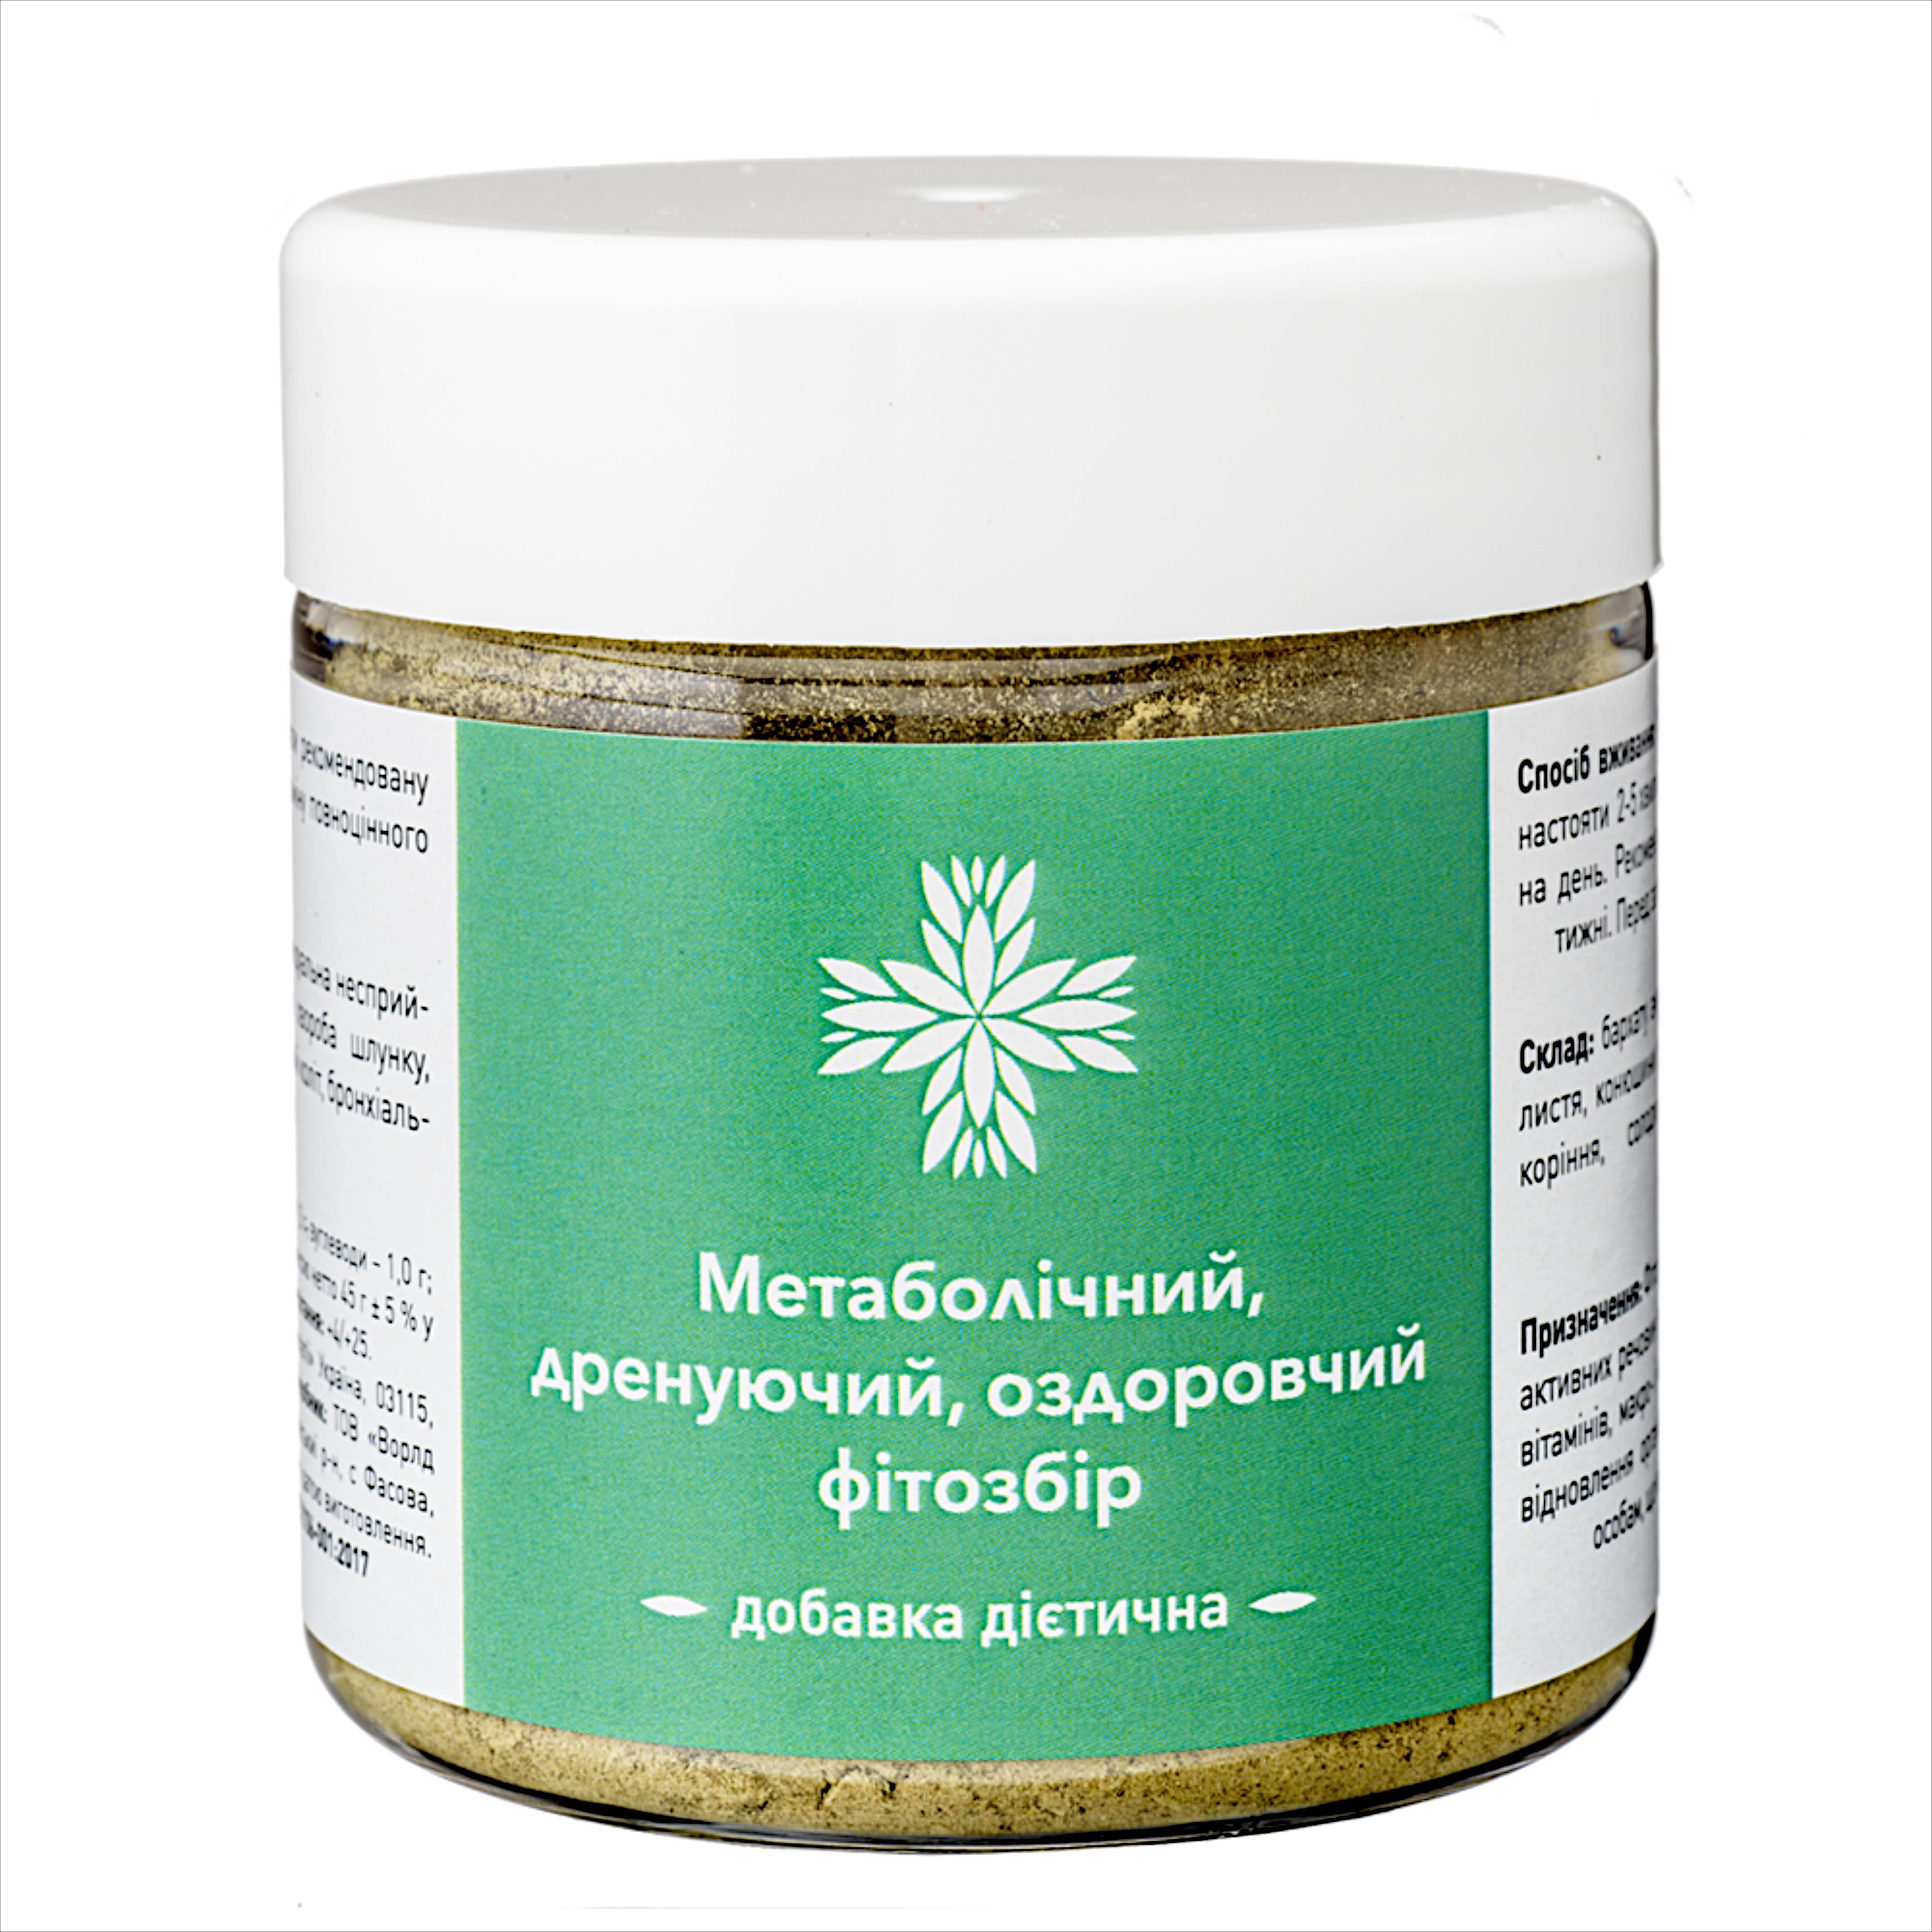 Фітозбір метаболічний, дренуючий, оздоровчий